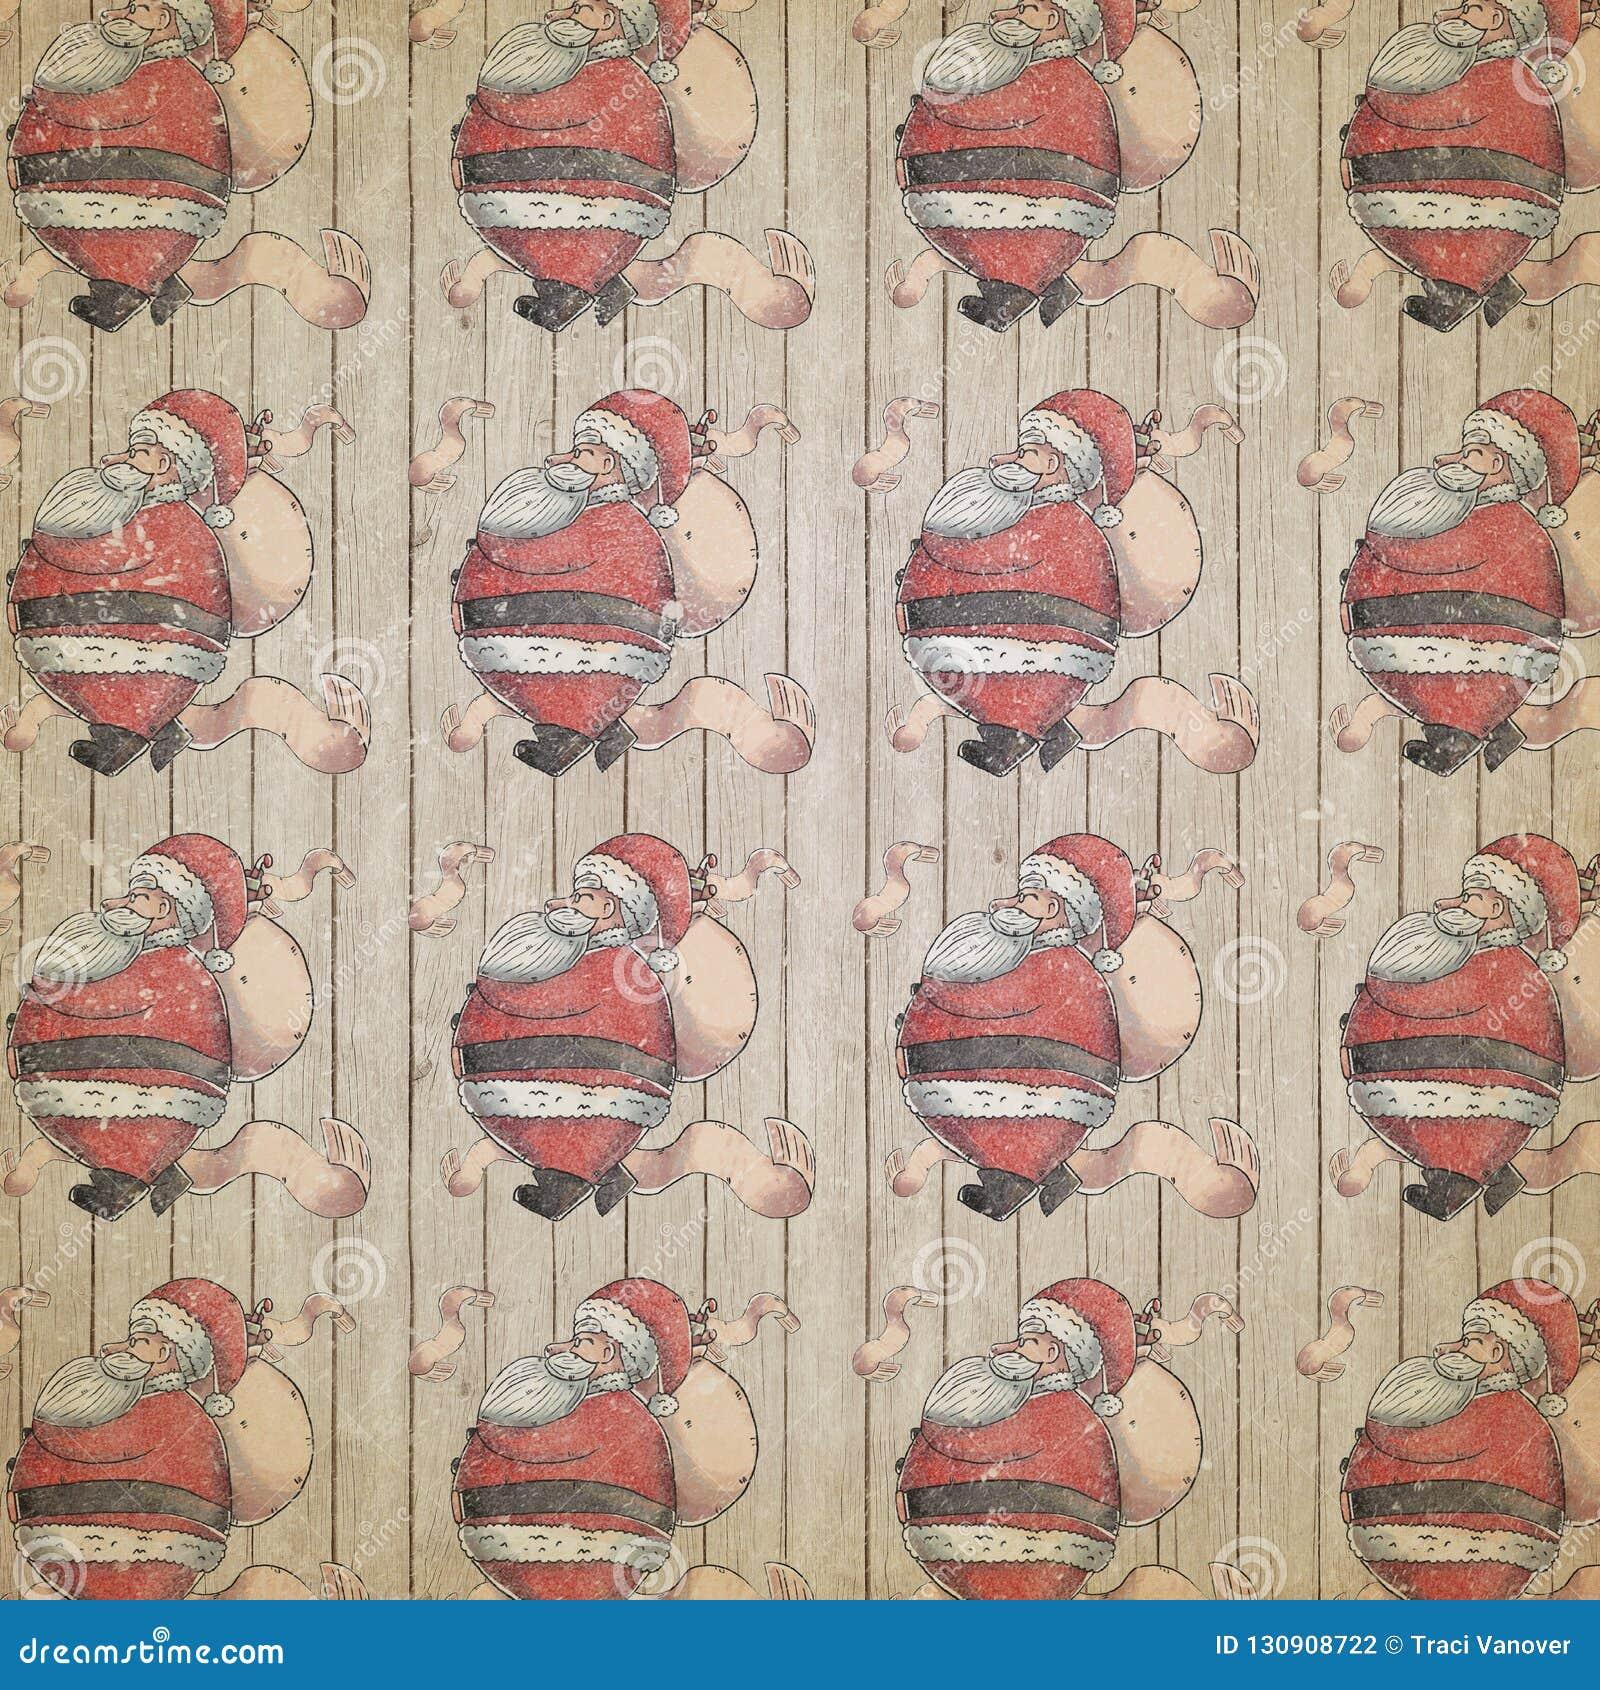 Santa Claus - lista do Natal - papel modelado feriado - preto - - Natal afligido do vintage - Crafting vermelho - papéis de Digit